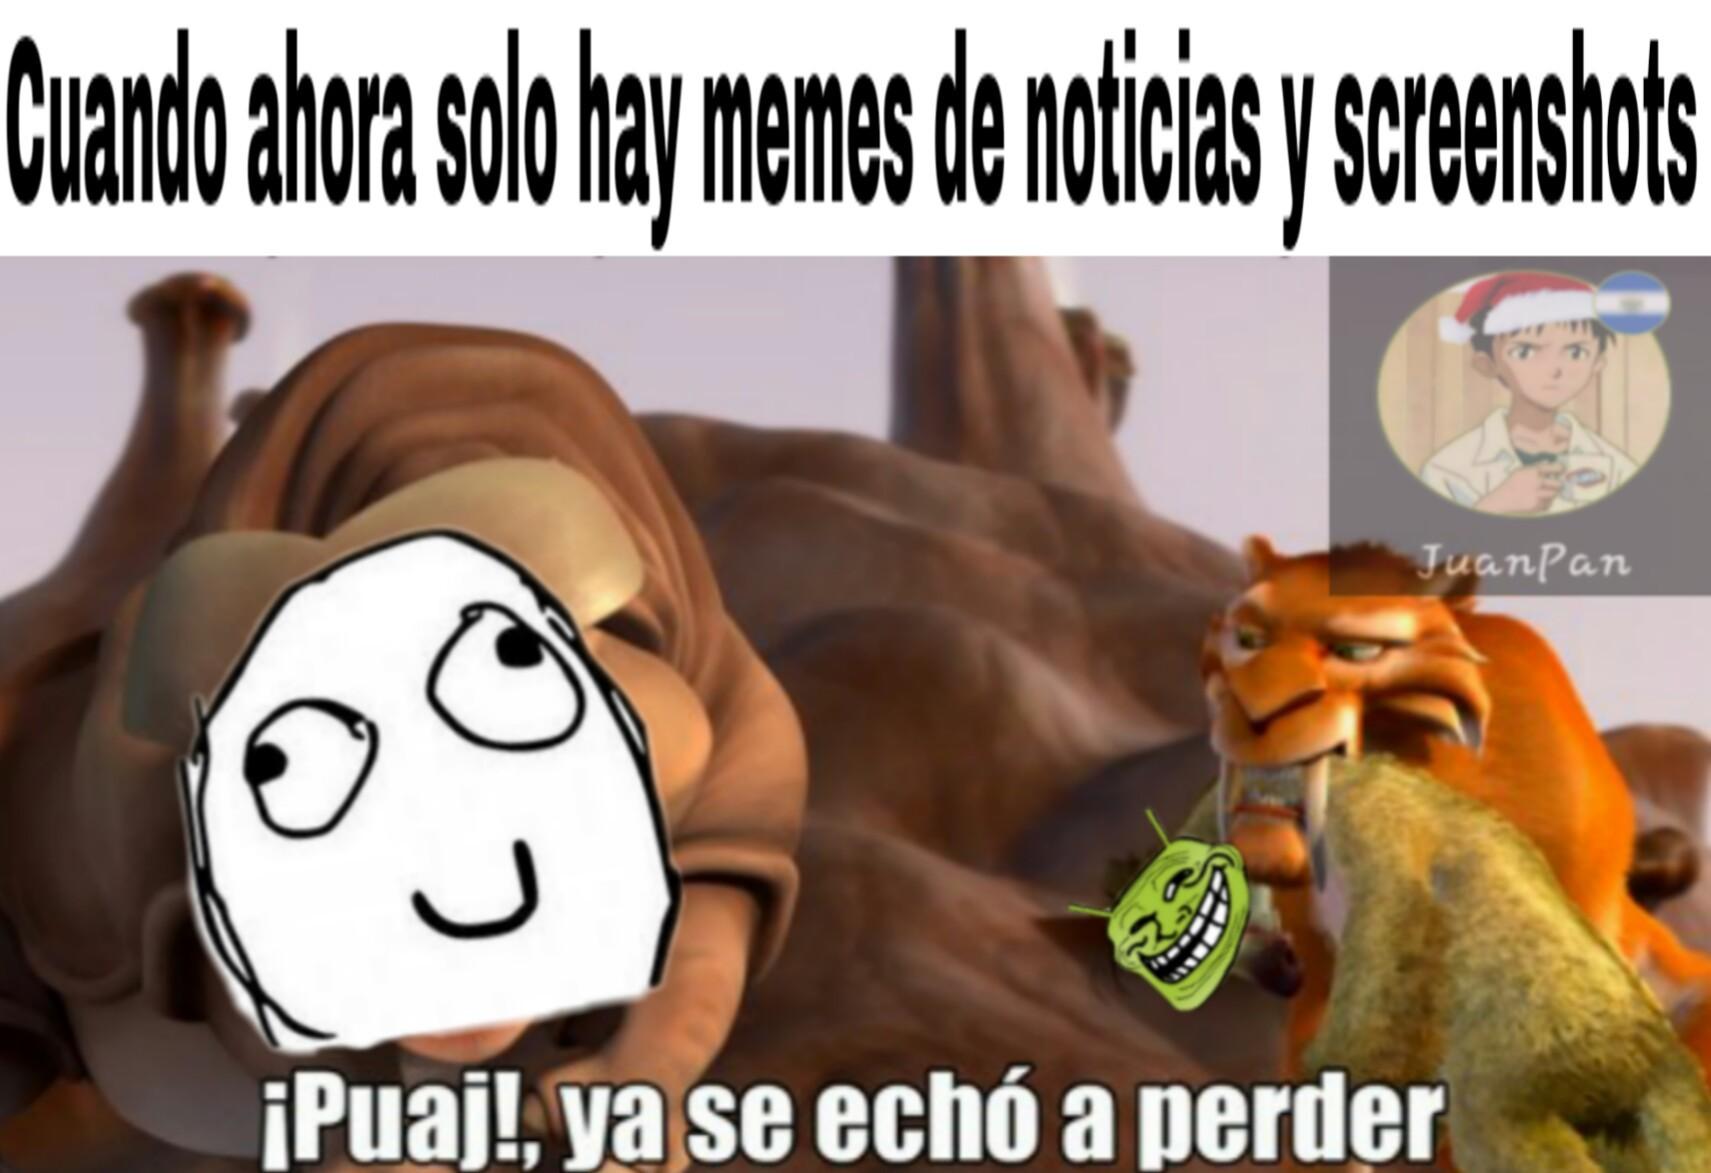 Meme cliché sin gracia